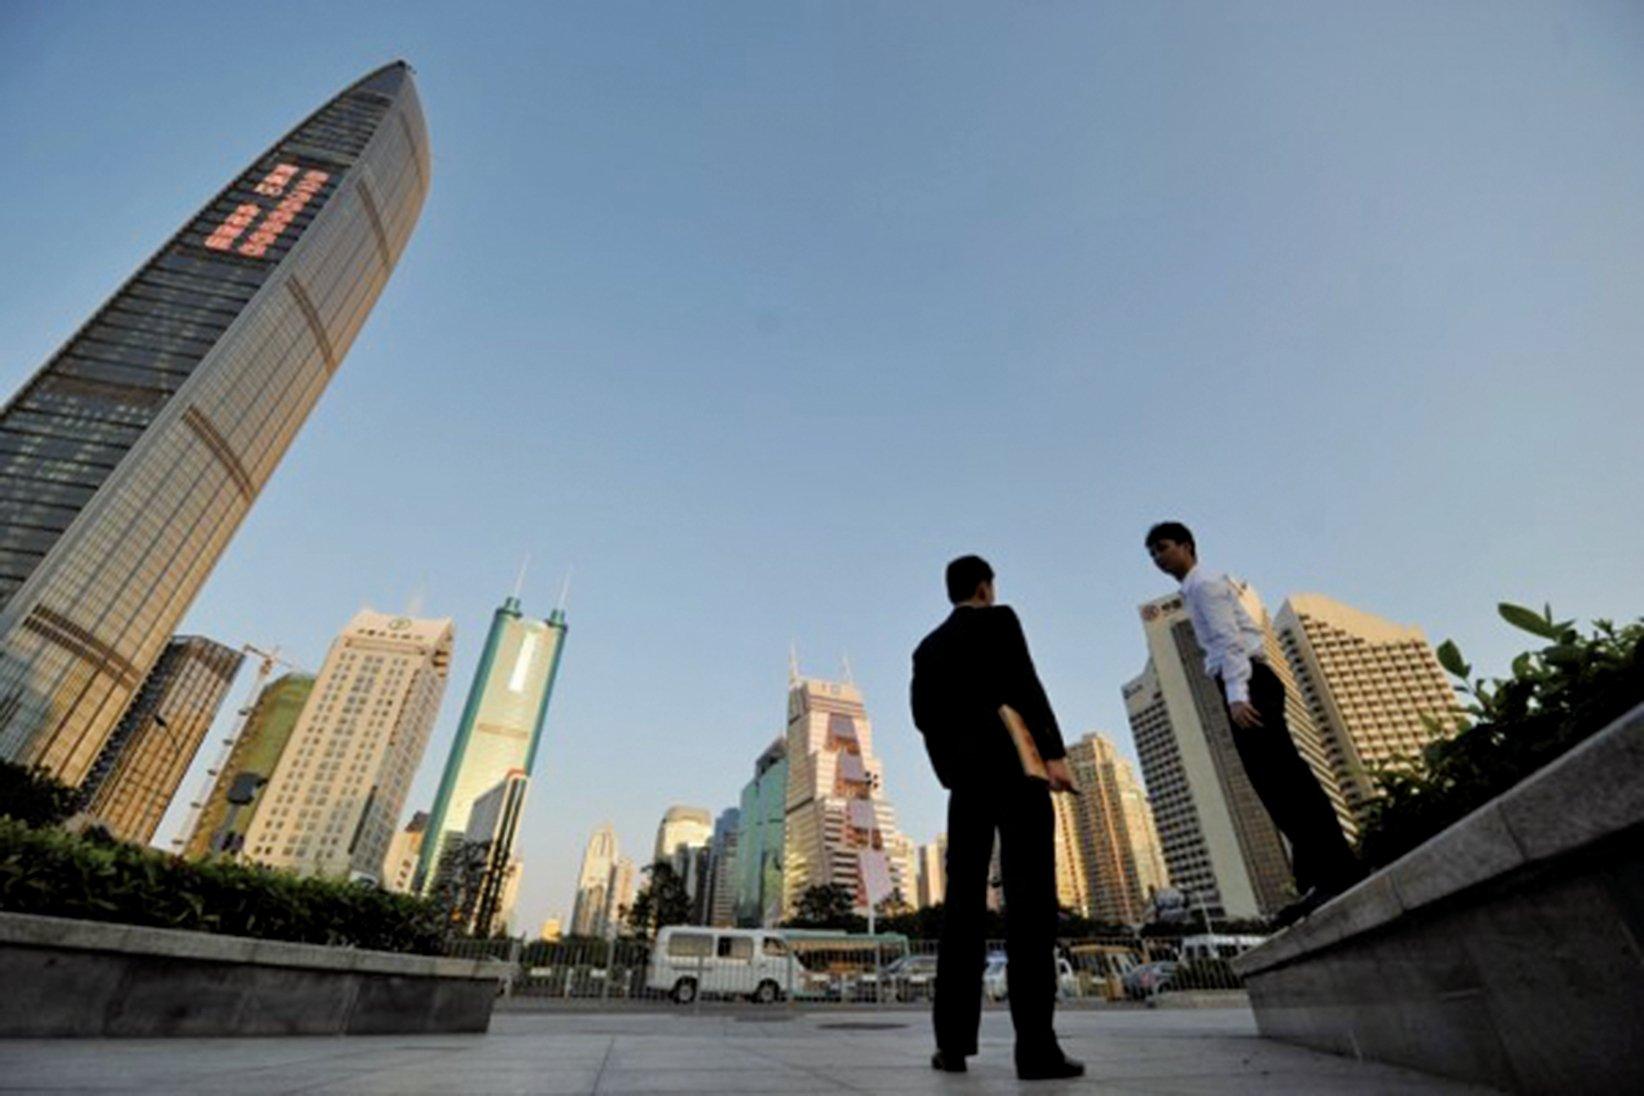 新政出台後,樓市成交迅速降溫,一線城市總價高的房屋成交量下滑更加明顯。 (ETER PARKS/AFP/Getty Images)